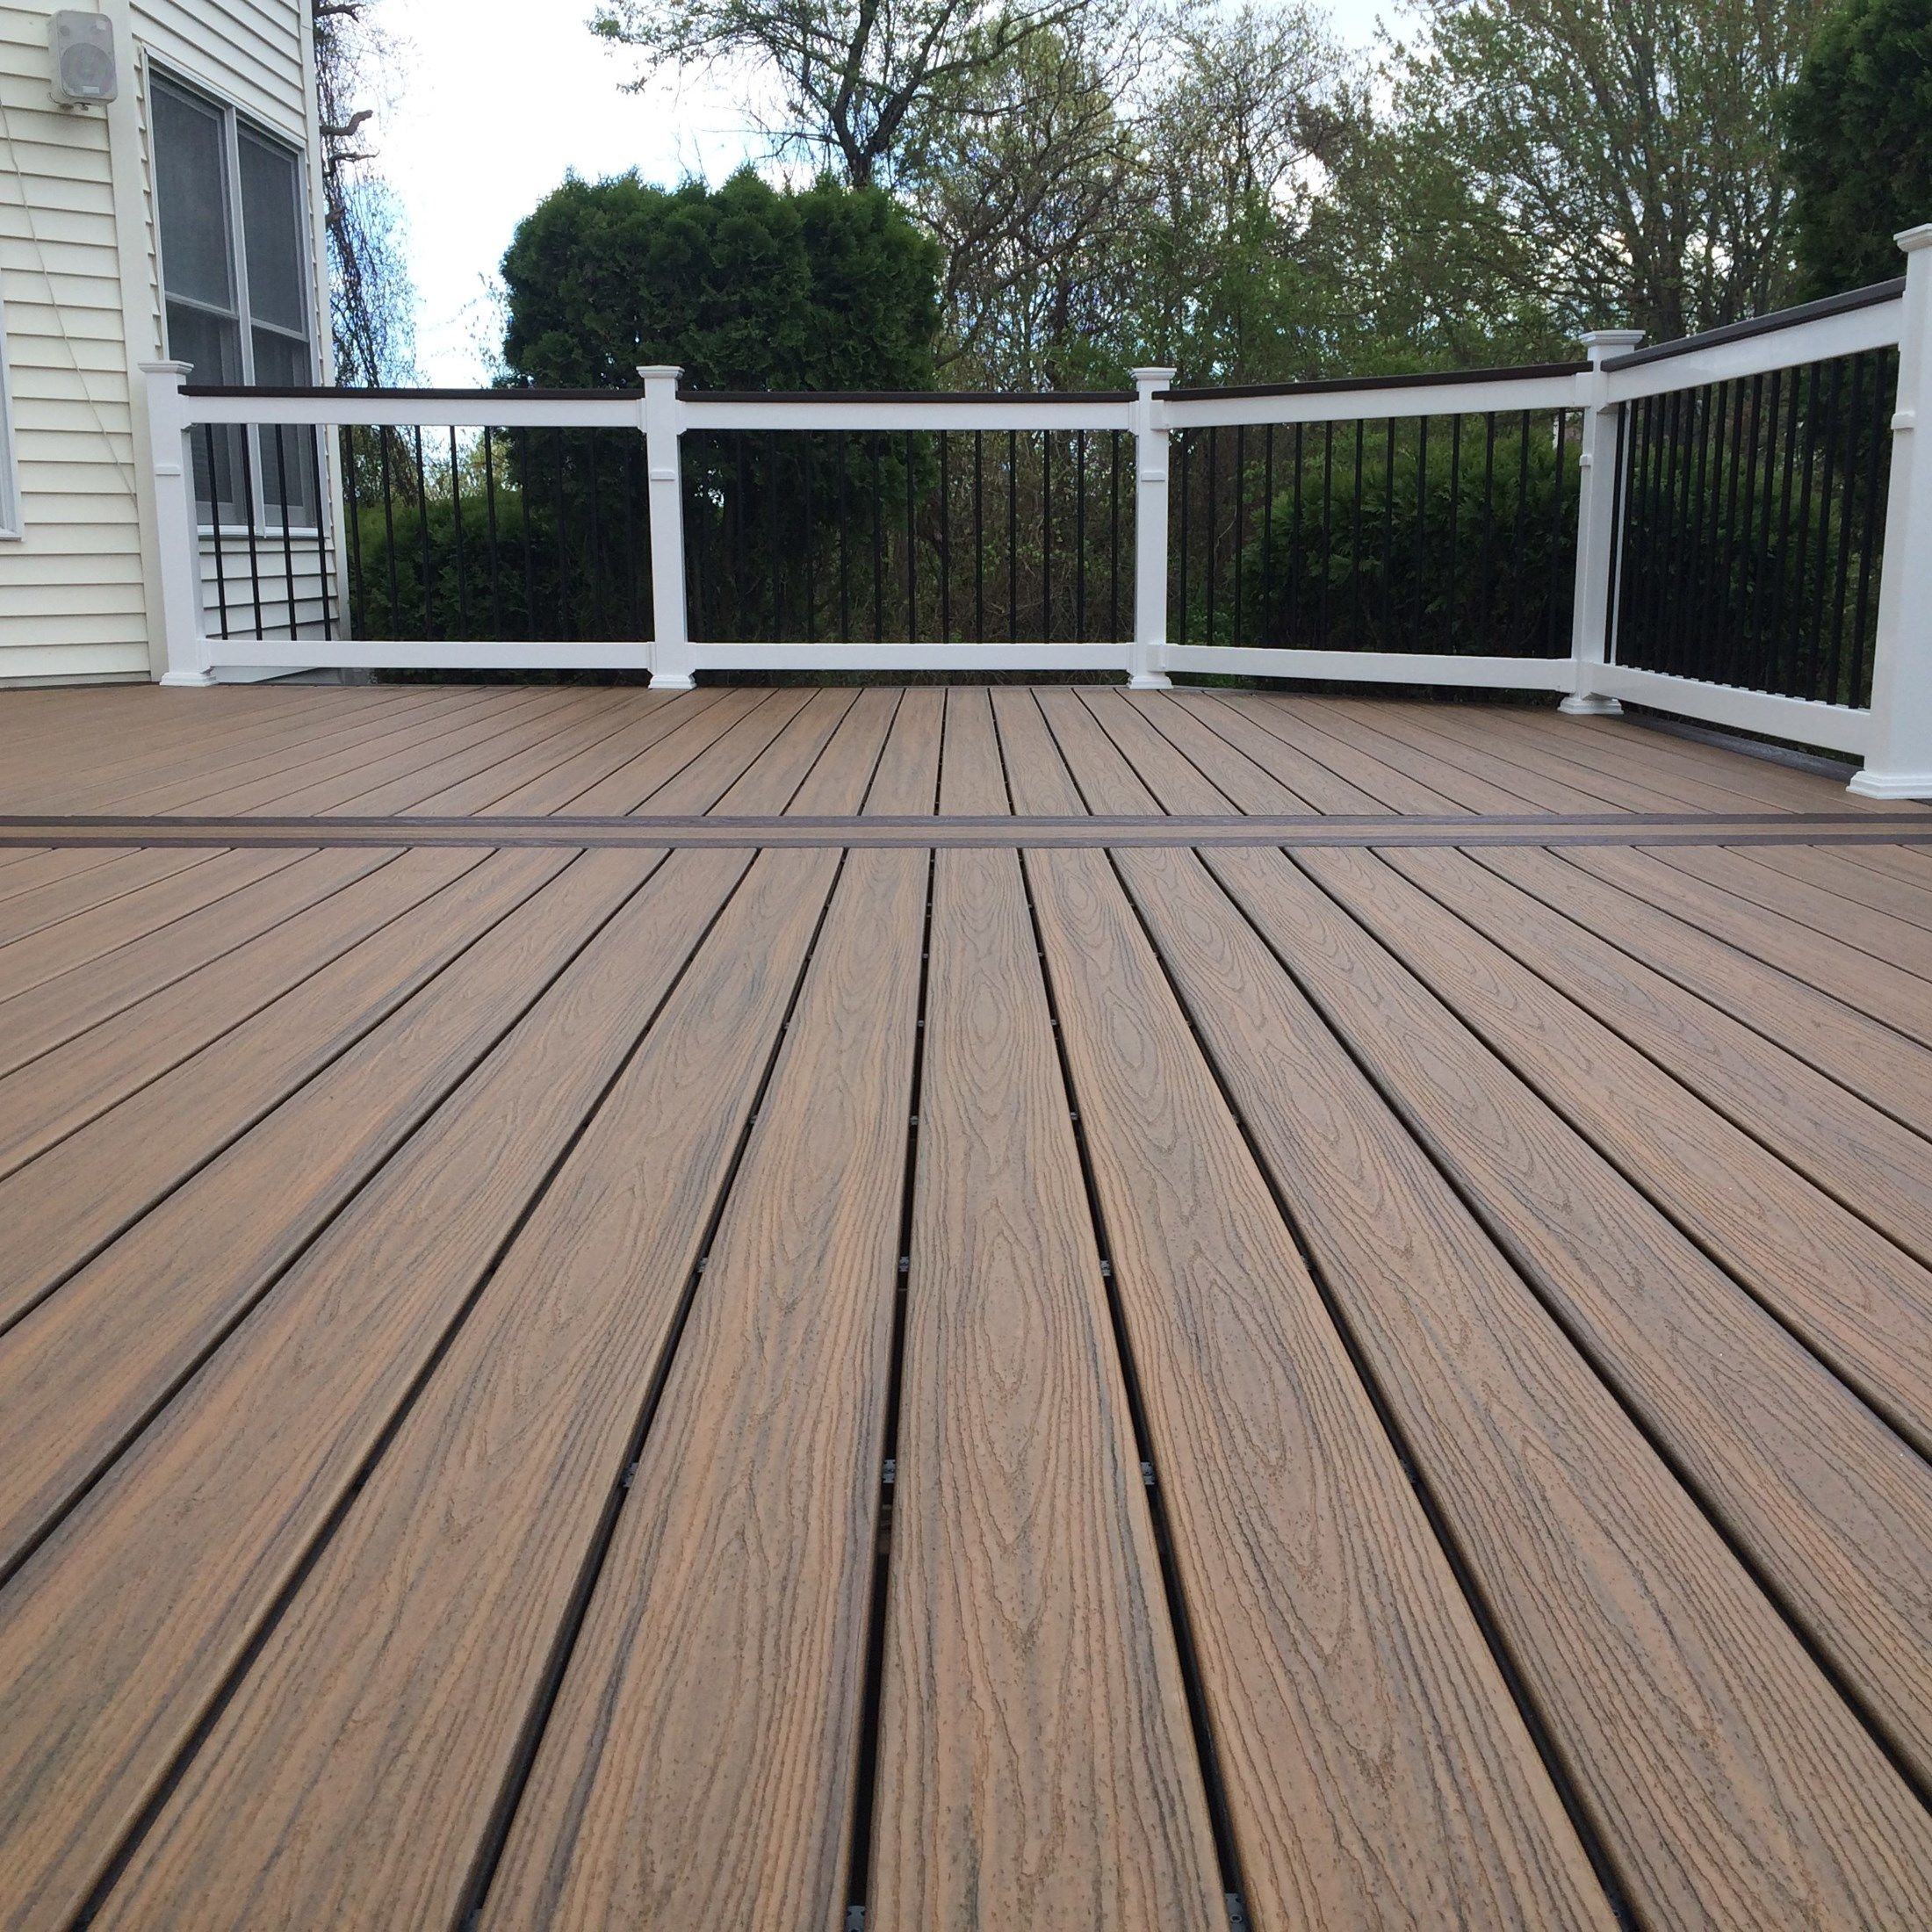 Custom deck in Millstone N.J. - Picture 6713